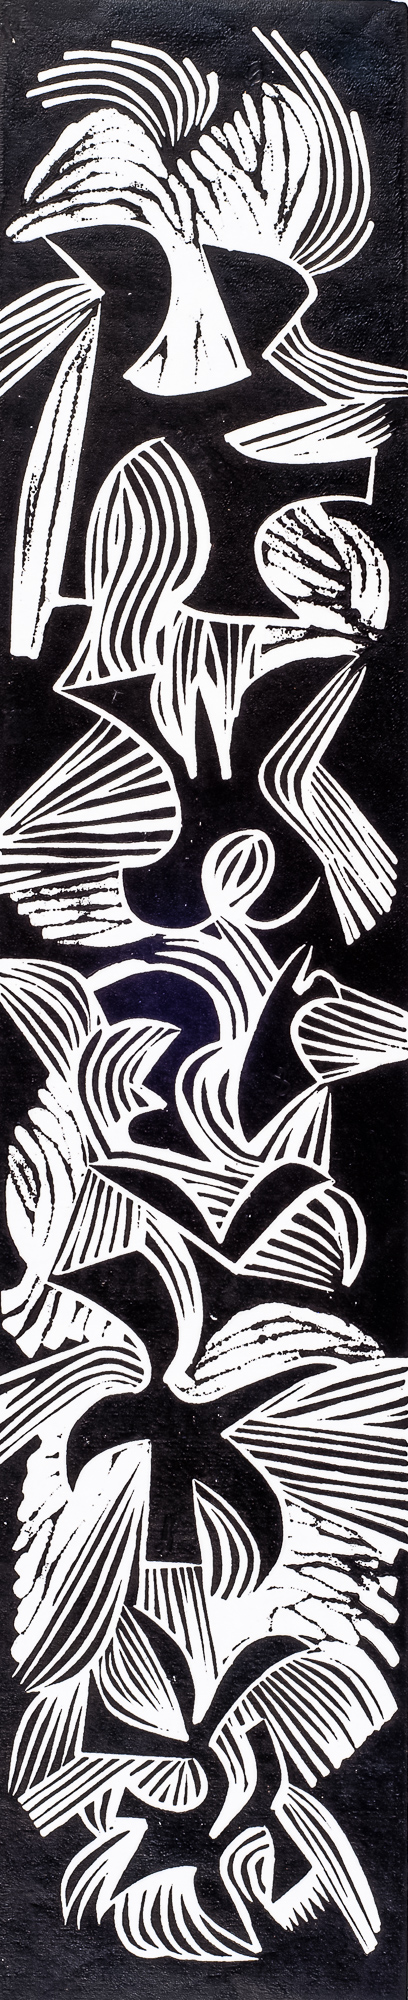 Calligraphia | 24 1/2 x 5 1/8 | 1964